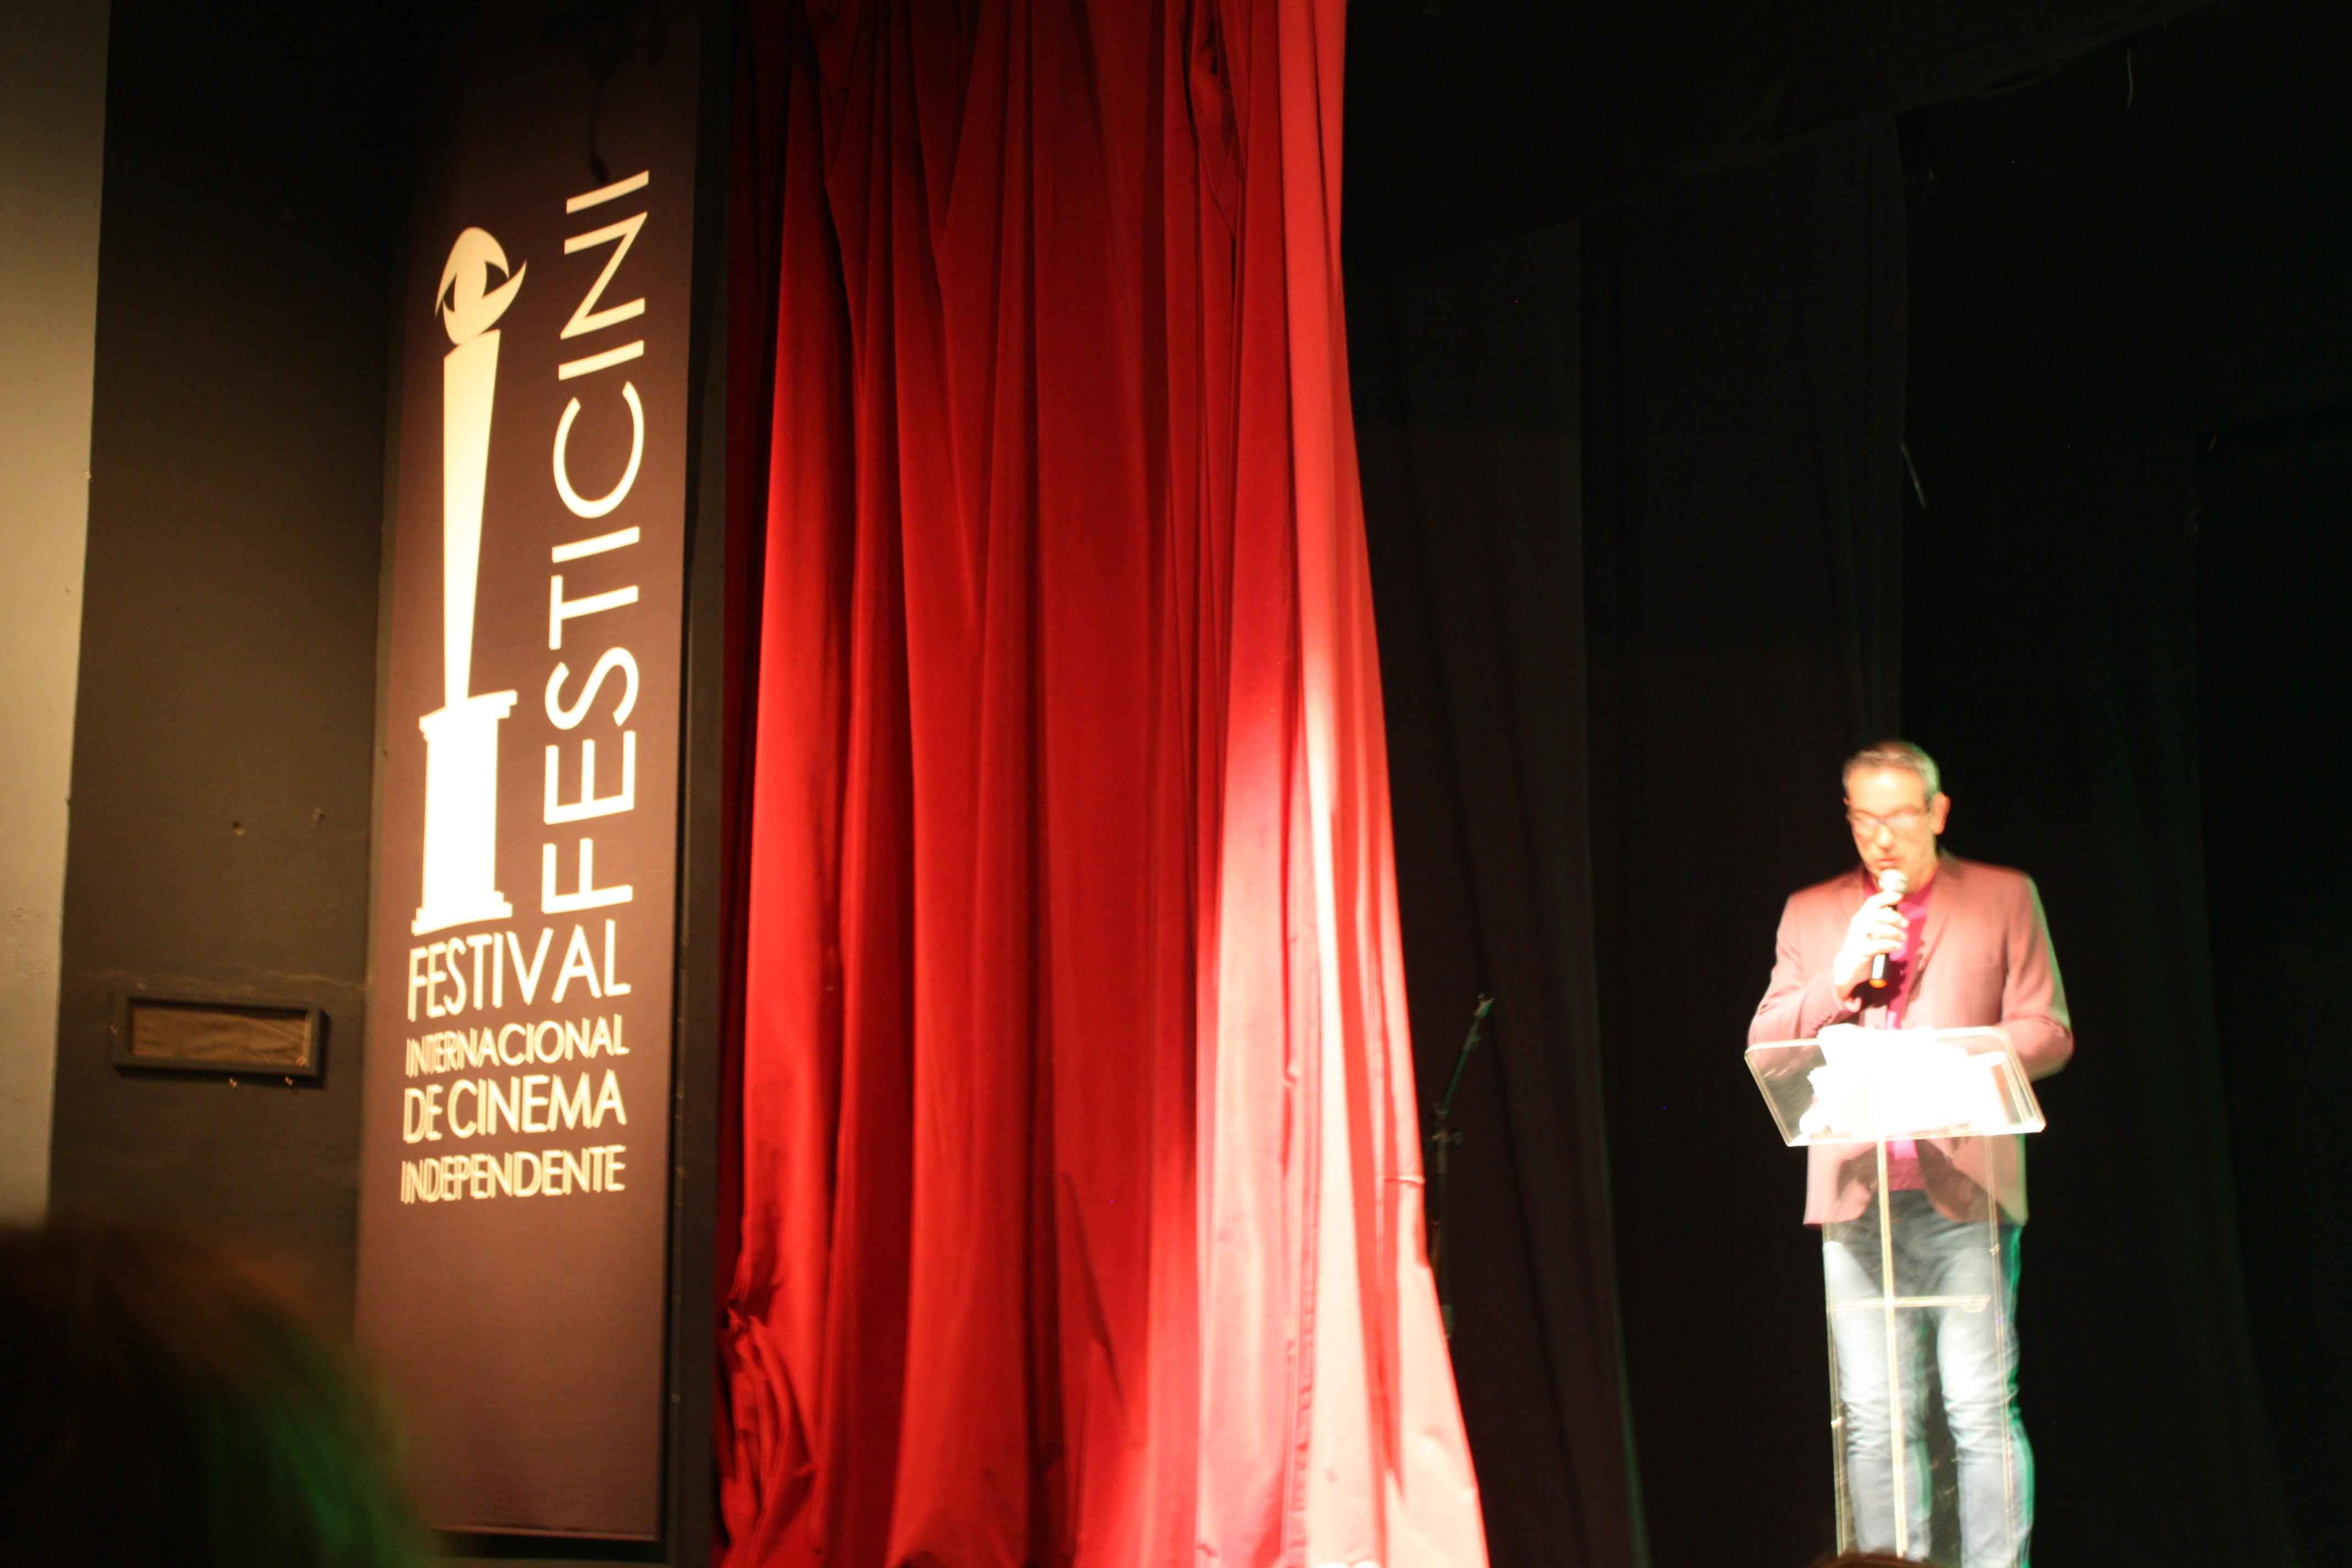 Wilson Roque Basso fala na abertura do Festival